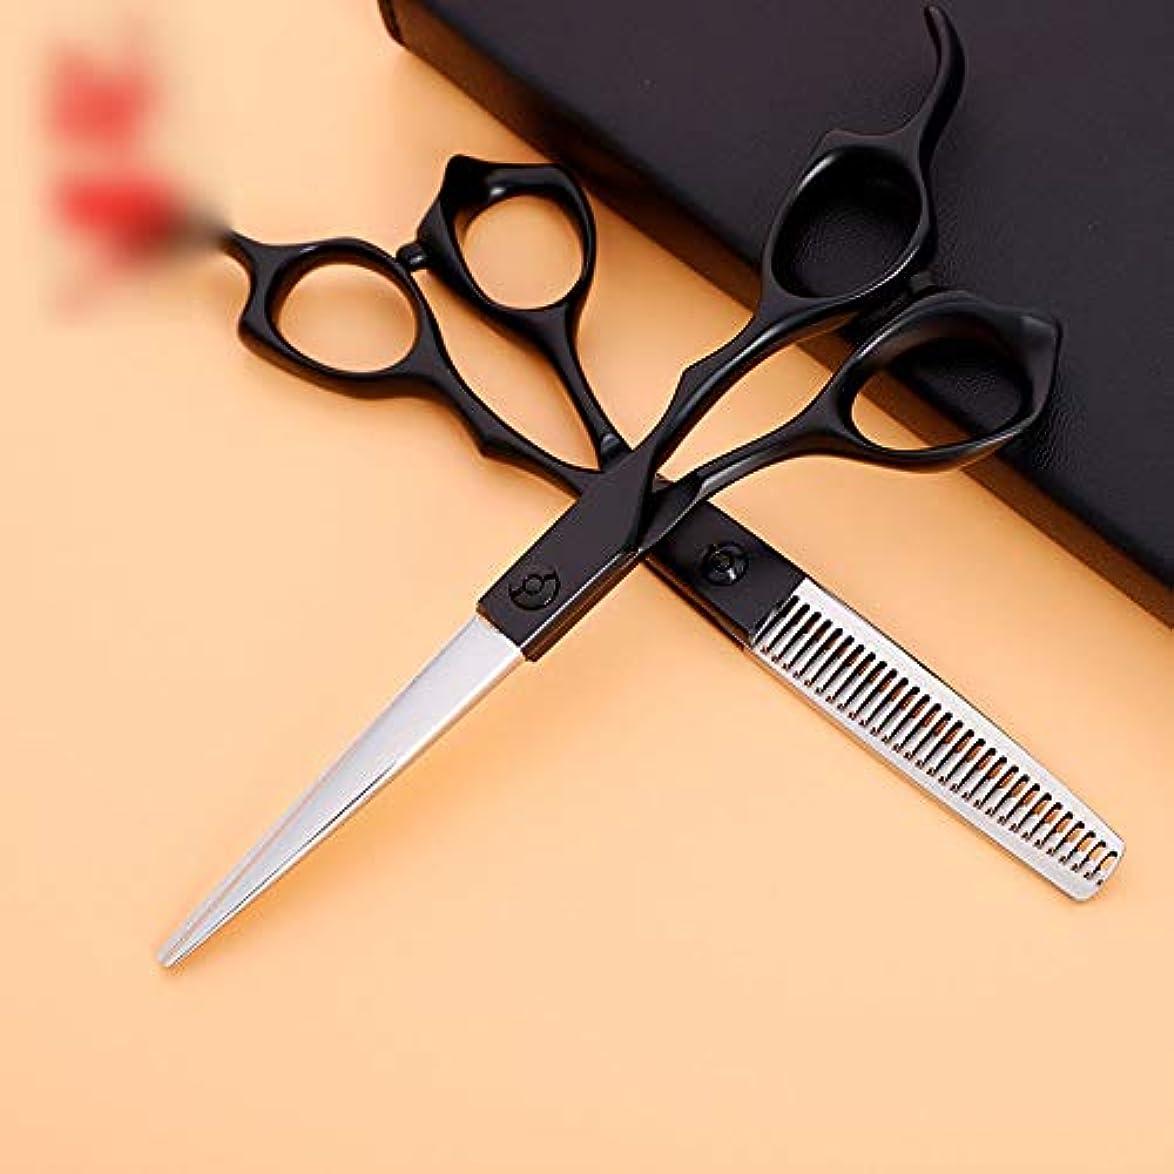 流星データ糸TAKAYAMA 6インチ美容院プロの理髪セット、家庭用ヘアカットツール (色 : 黒)